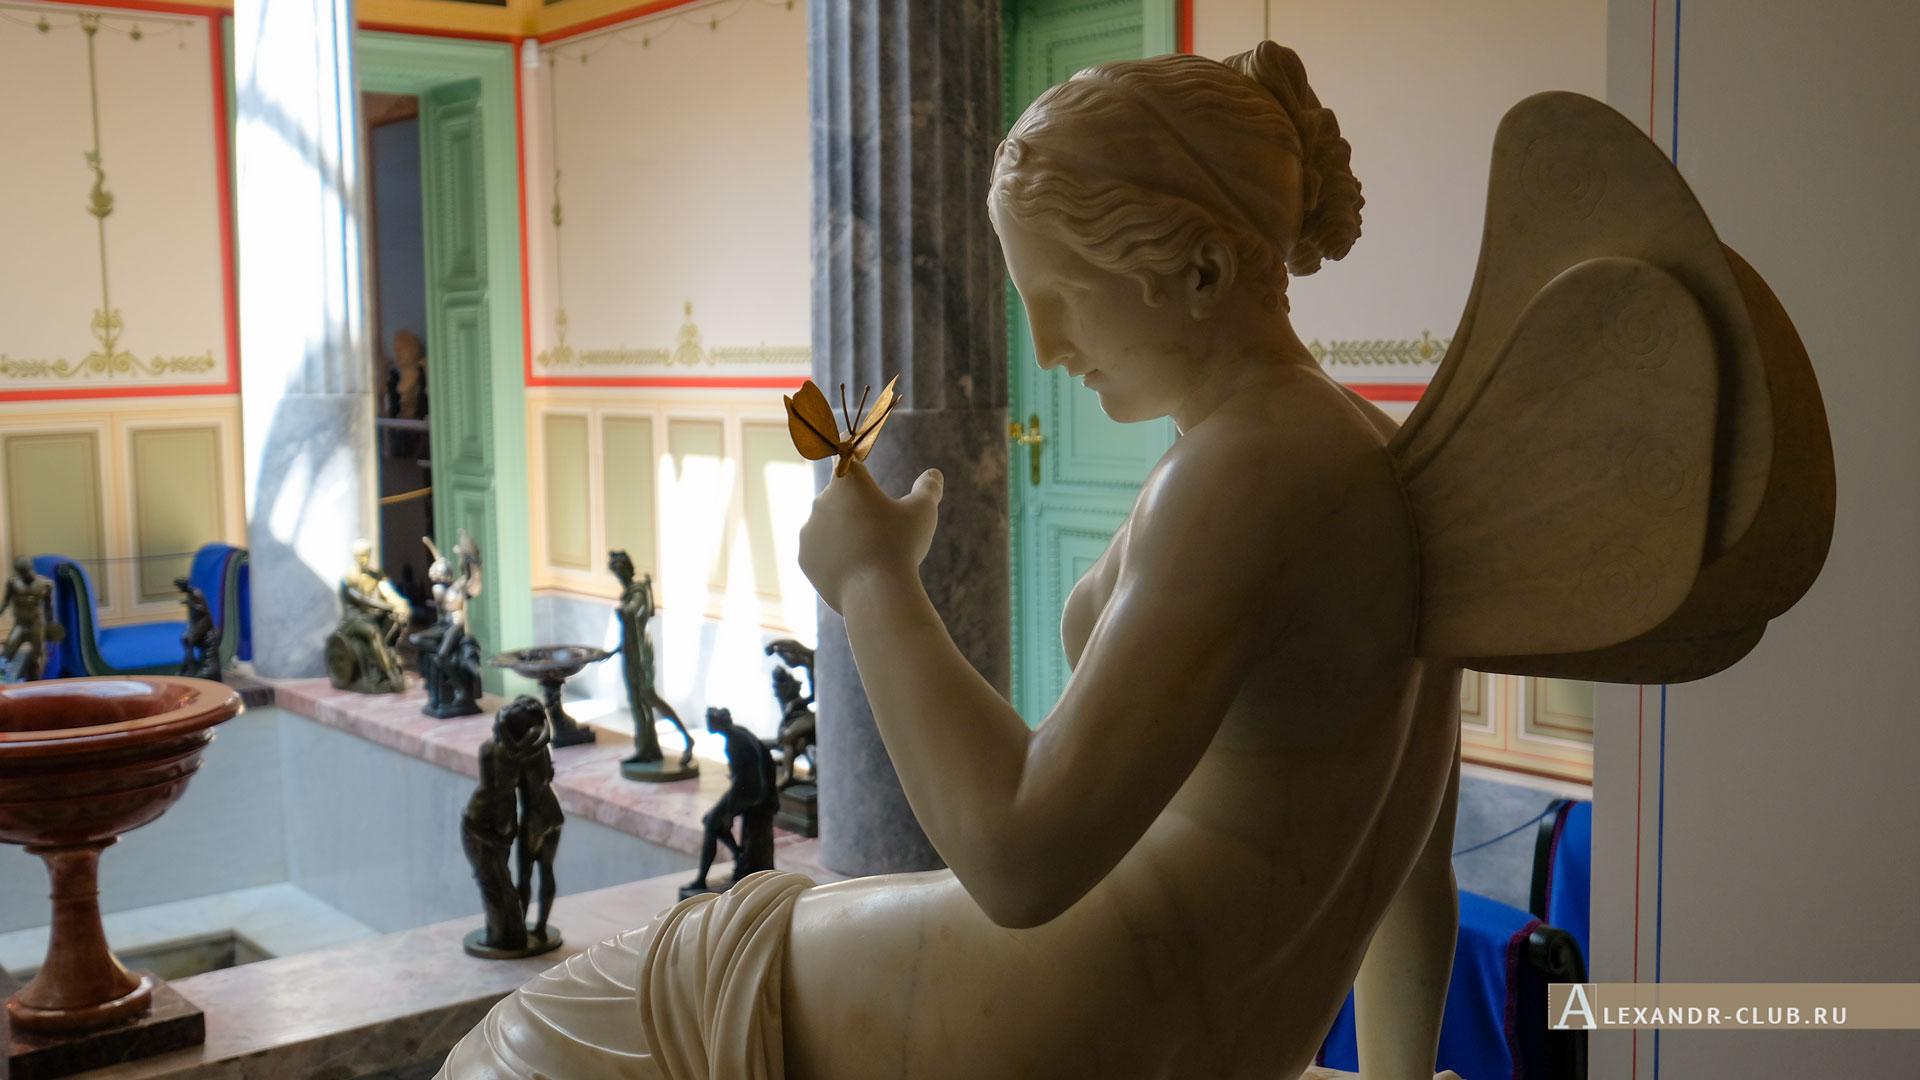 Петергоф, Колонистский парк, лето, Царицын павильон, атриум, скульптура «Психея»